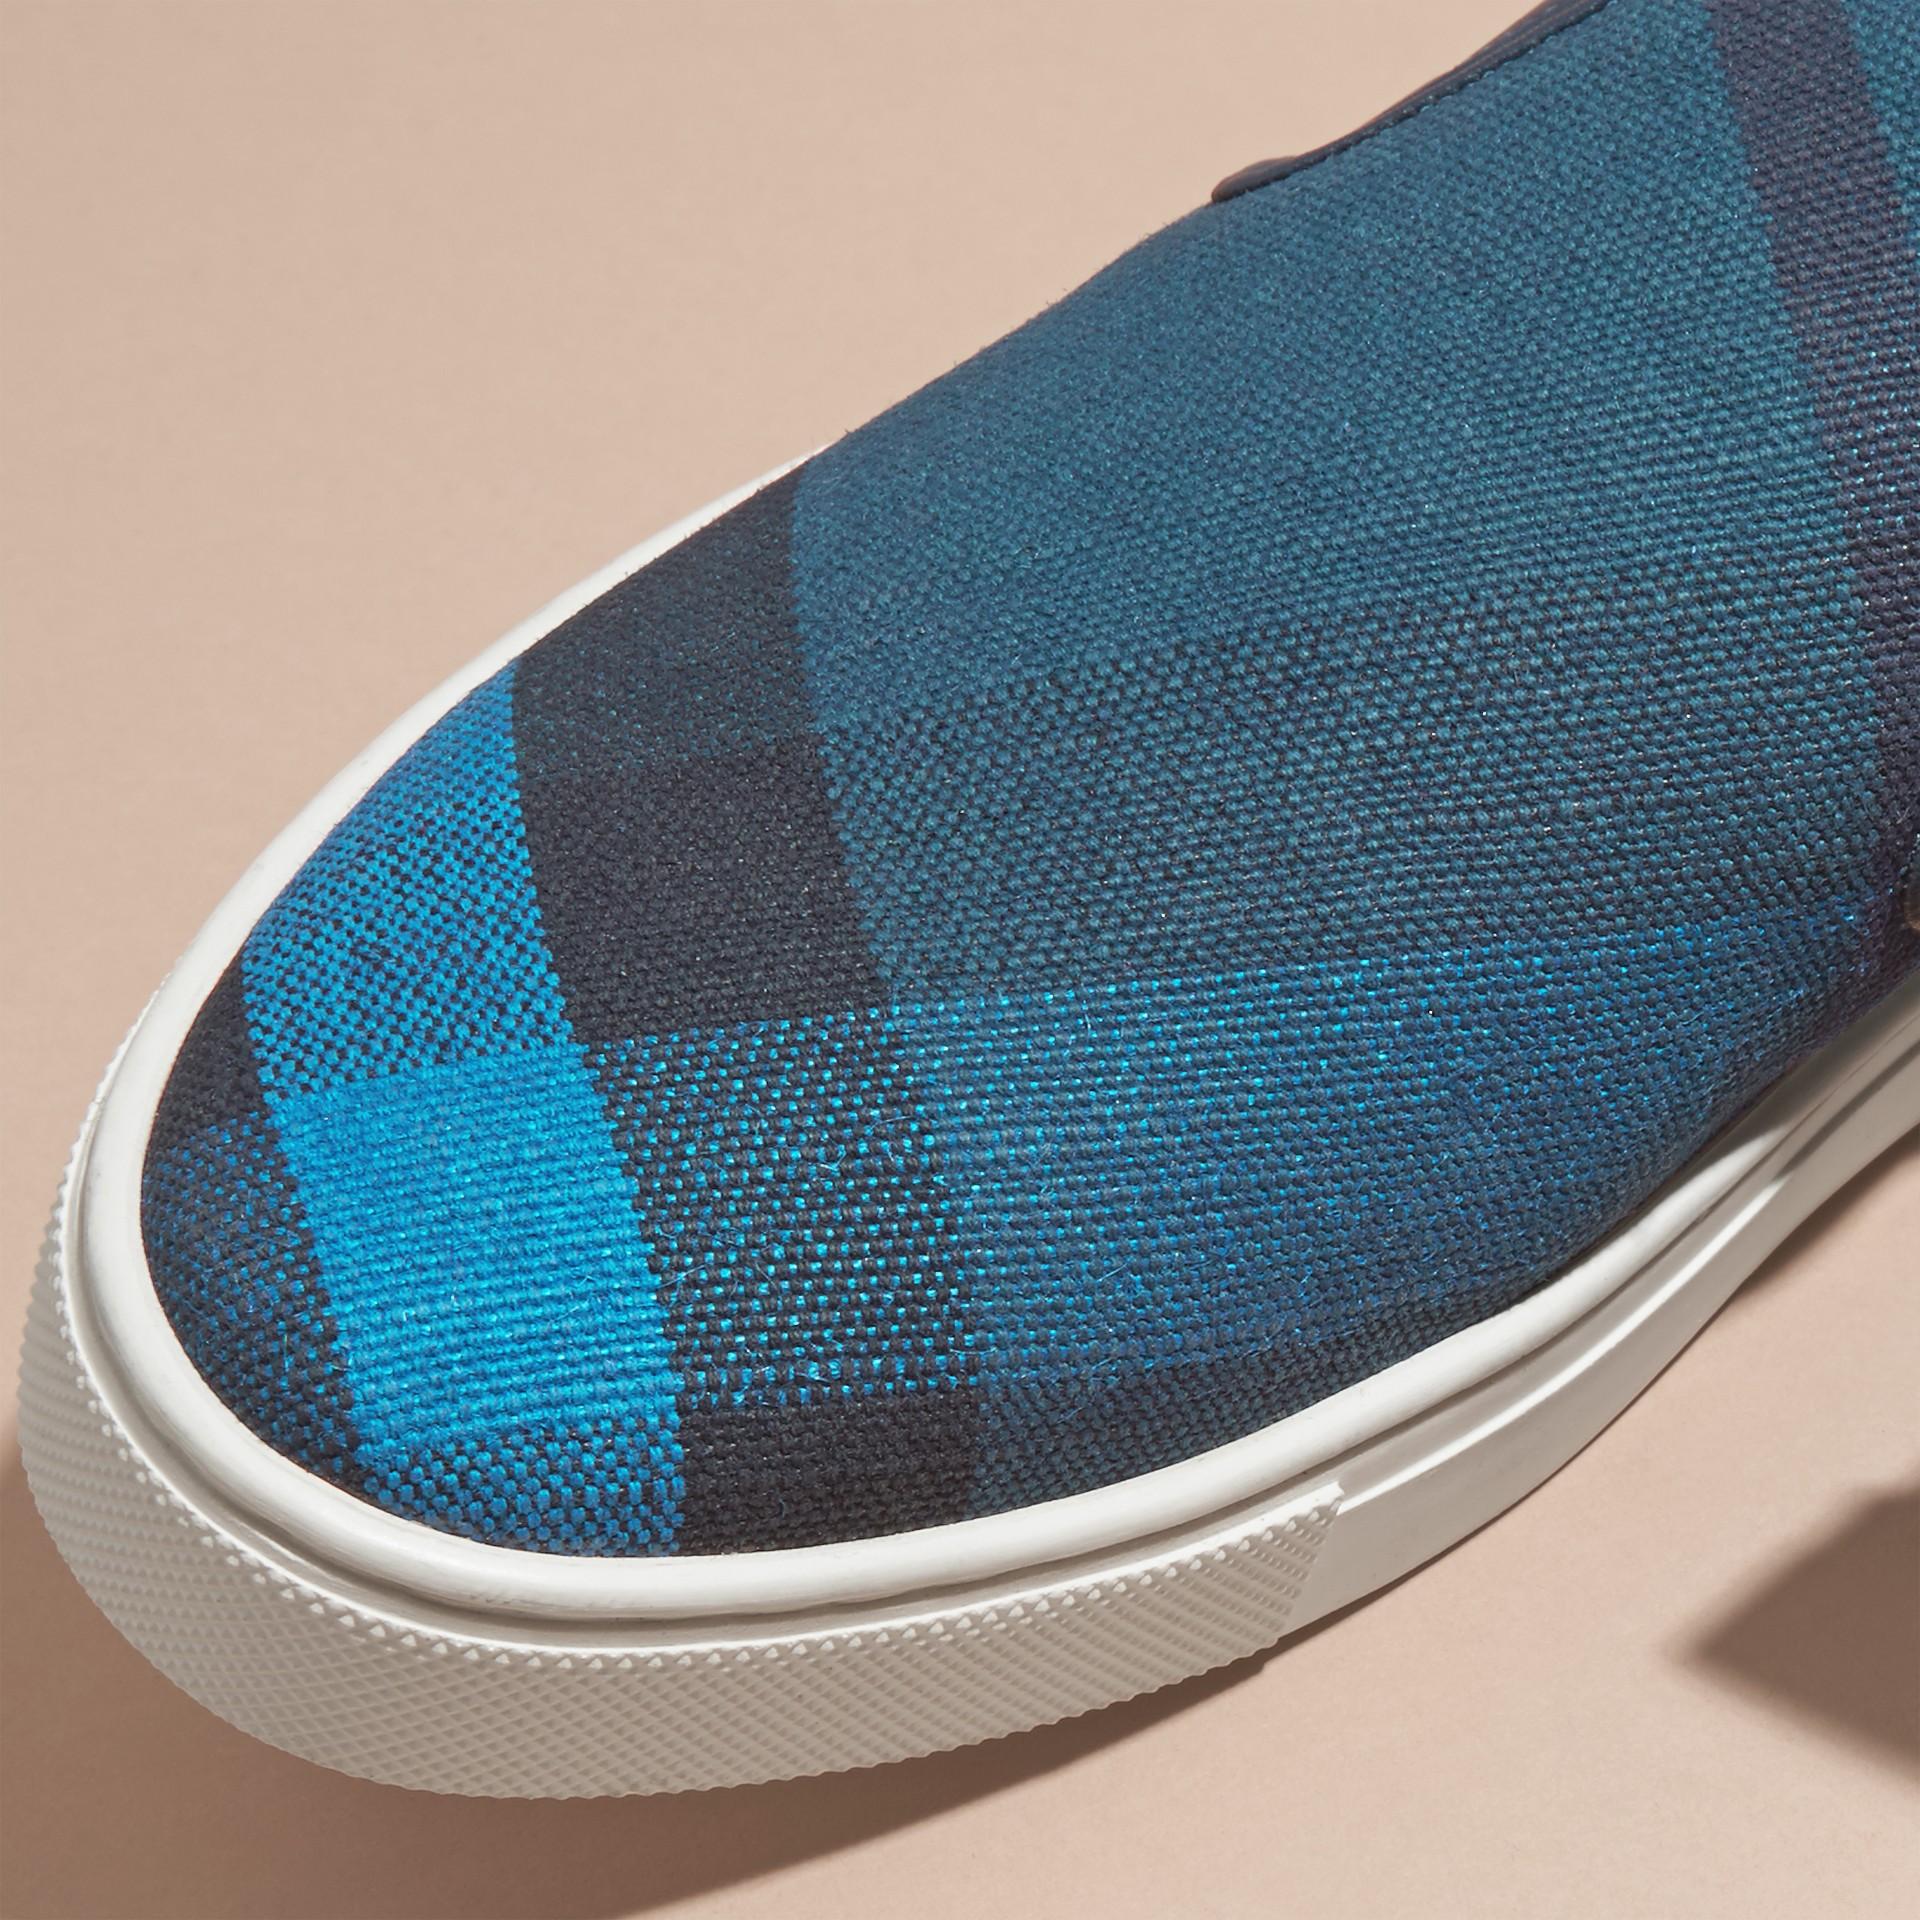 Azul ultramar/negro Zapatillas deportivas sin cordones de piel y checks Canvas Azul Ultramar/negro - imagen de la galería 2